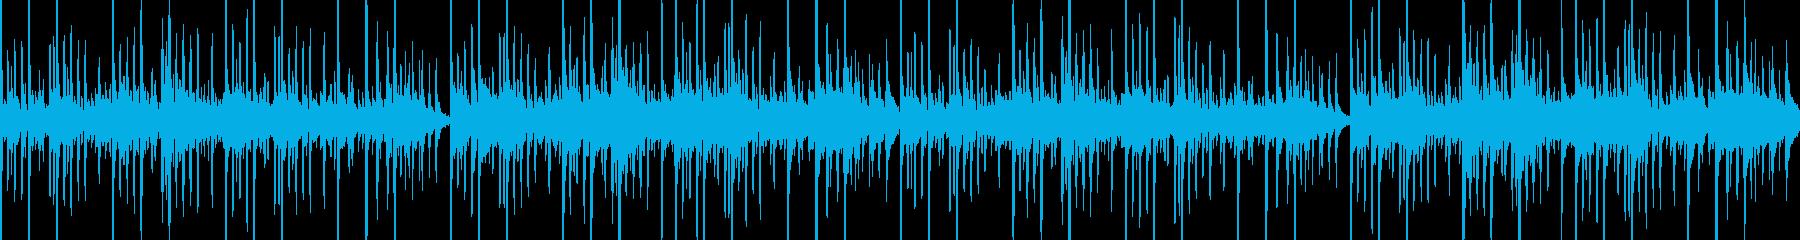 静かなエスニックBGMの再生済みの波形